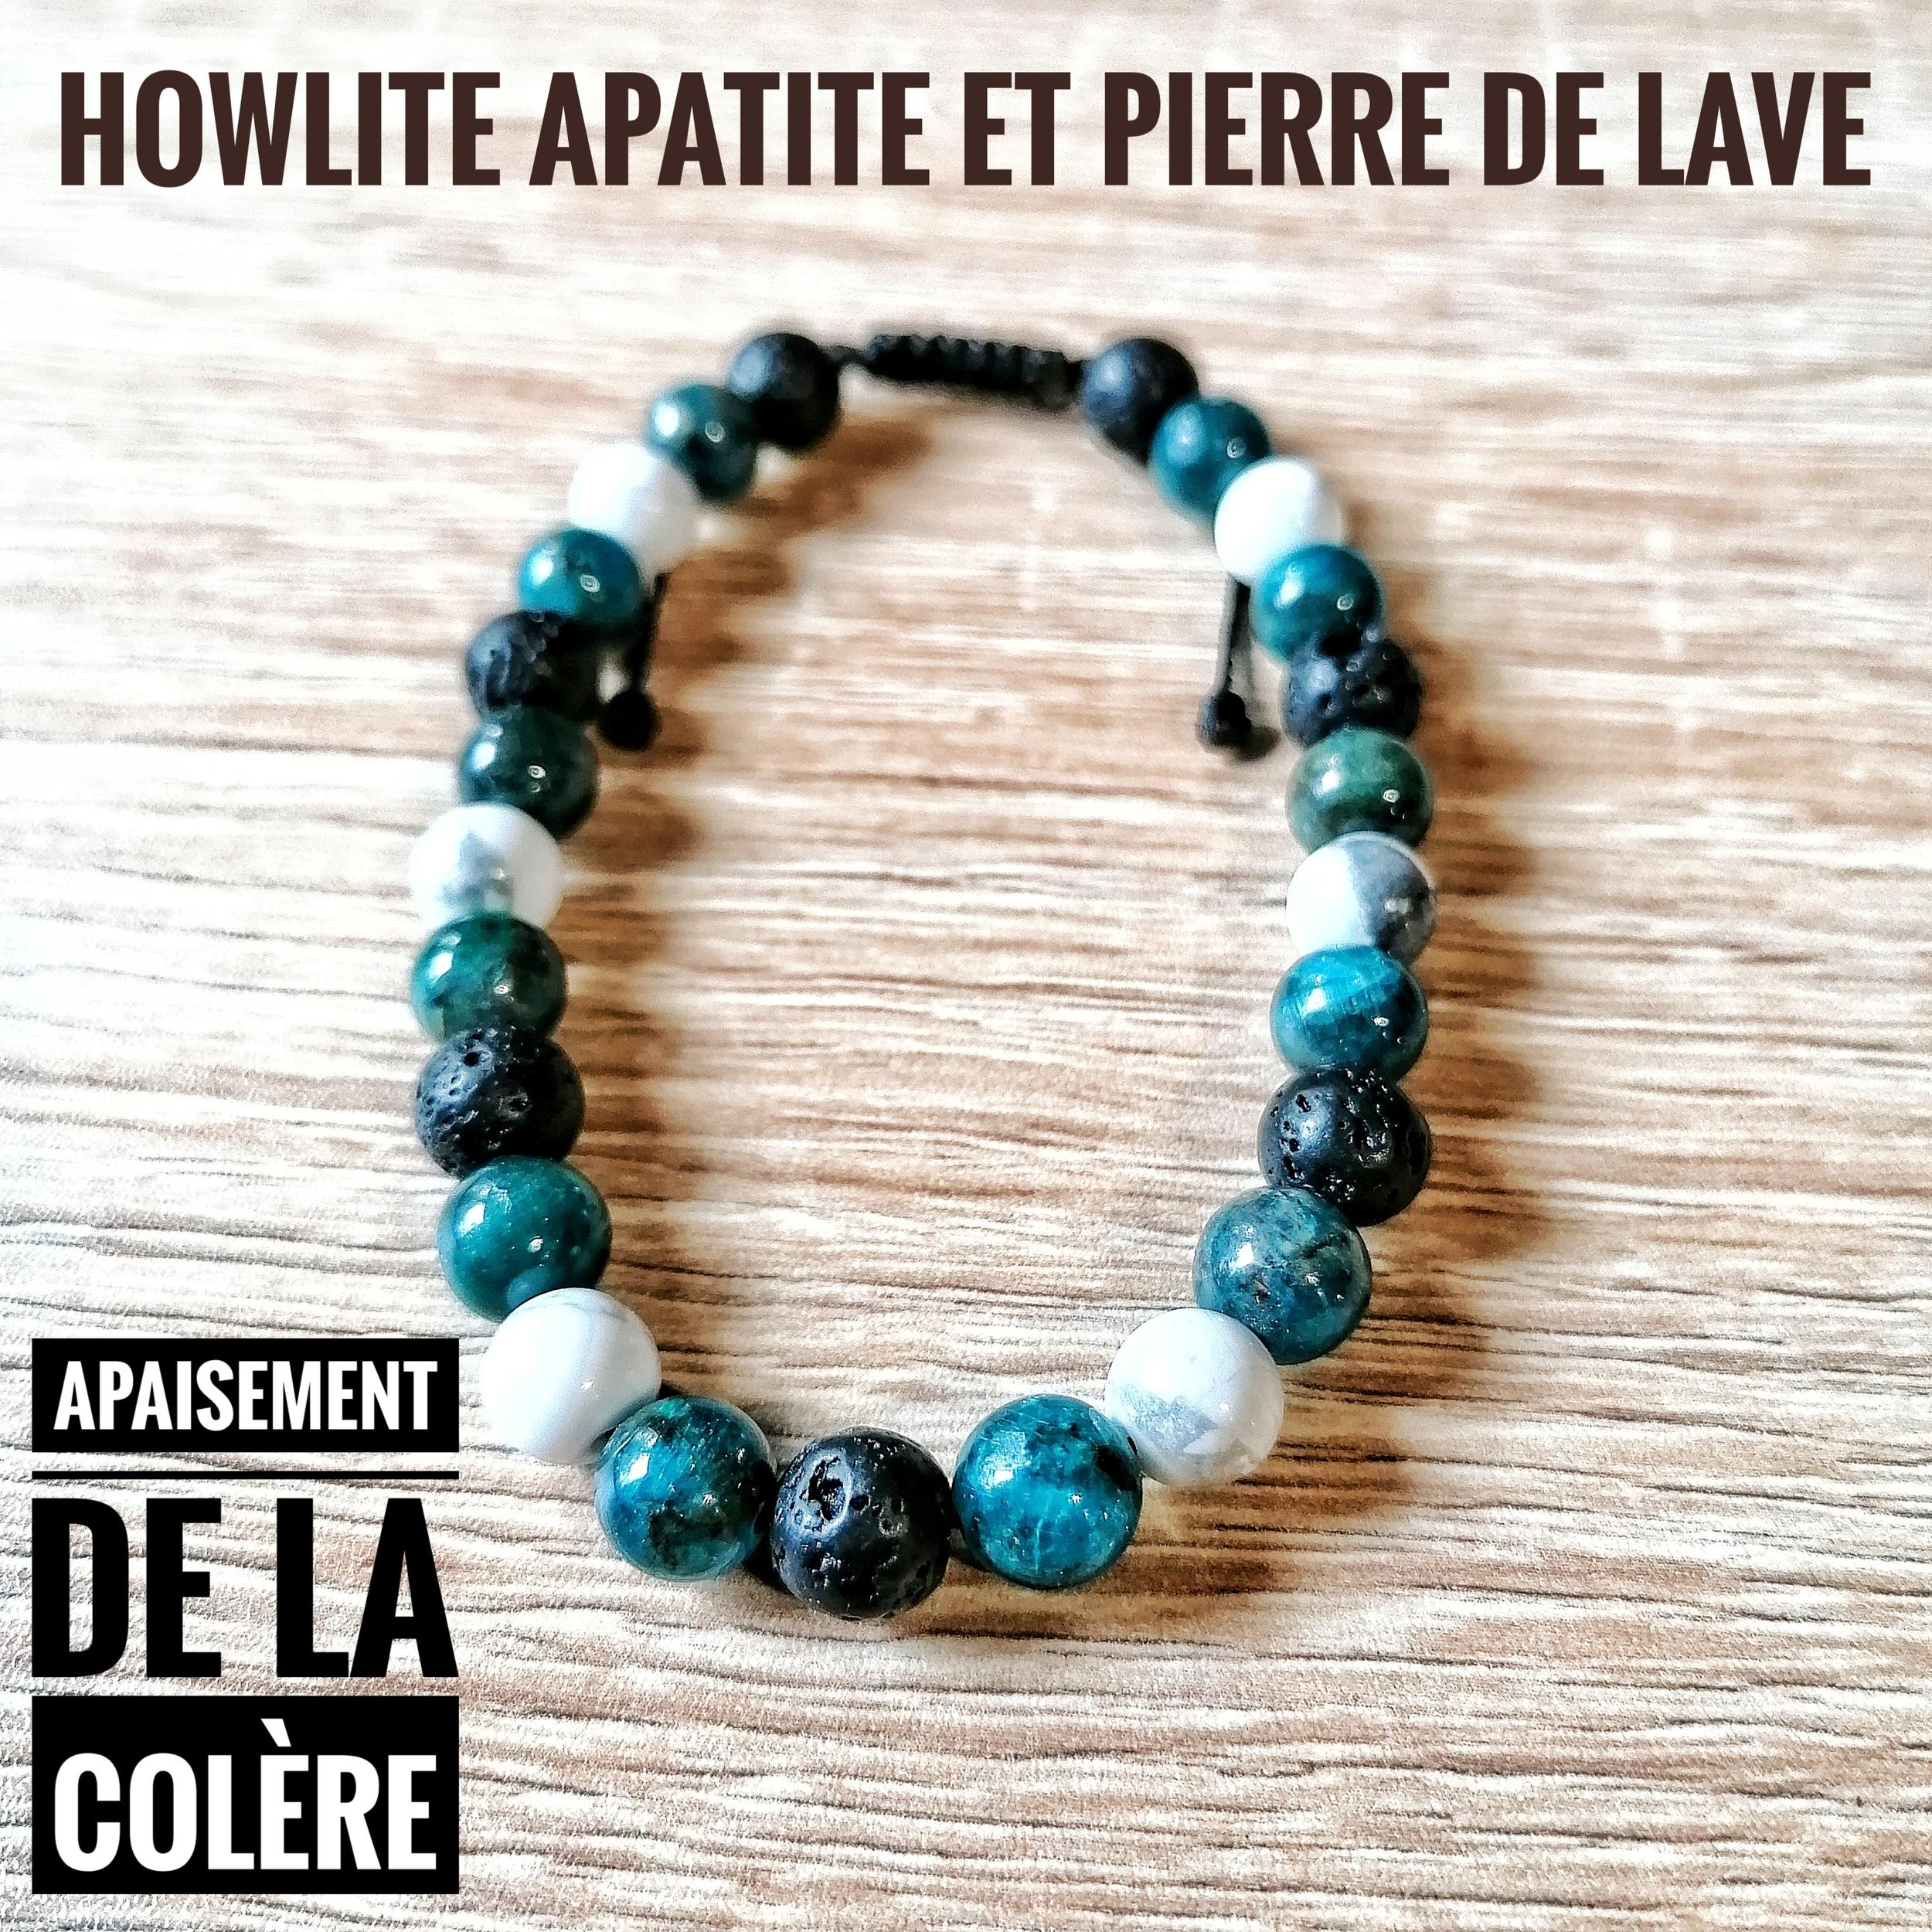 Bracelet Apaisement de la colère en Apatite Howlite et Pierre de lave